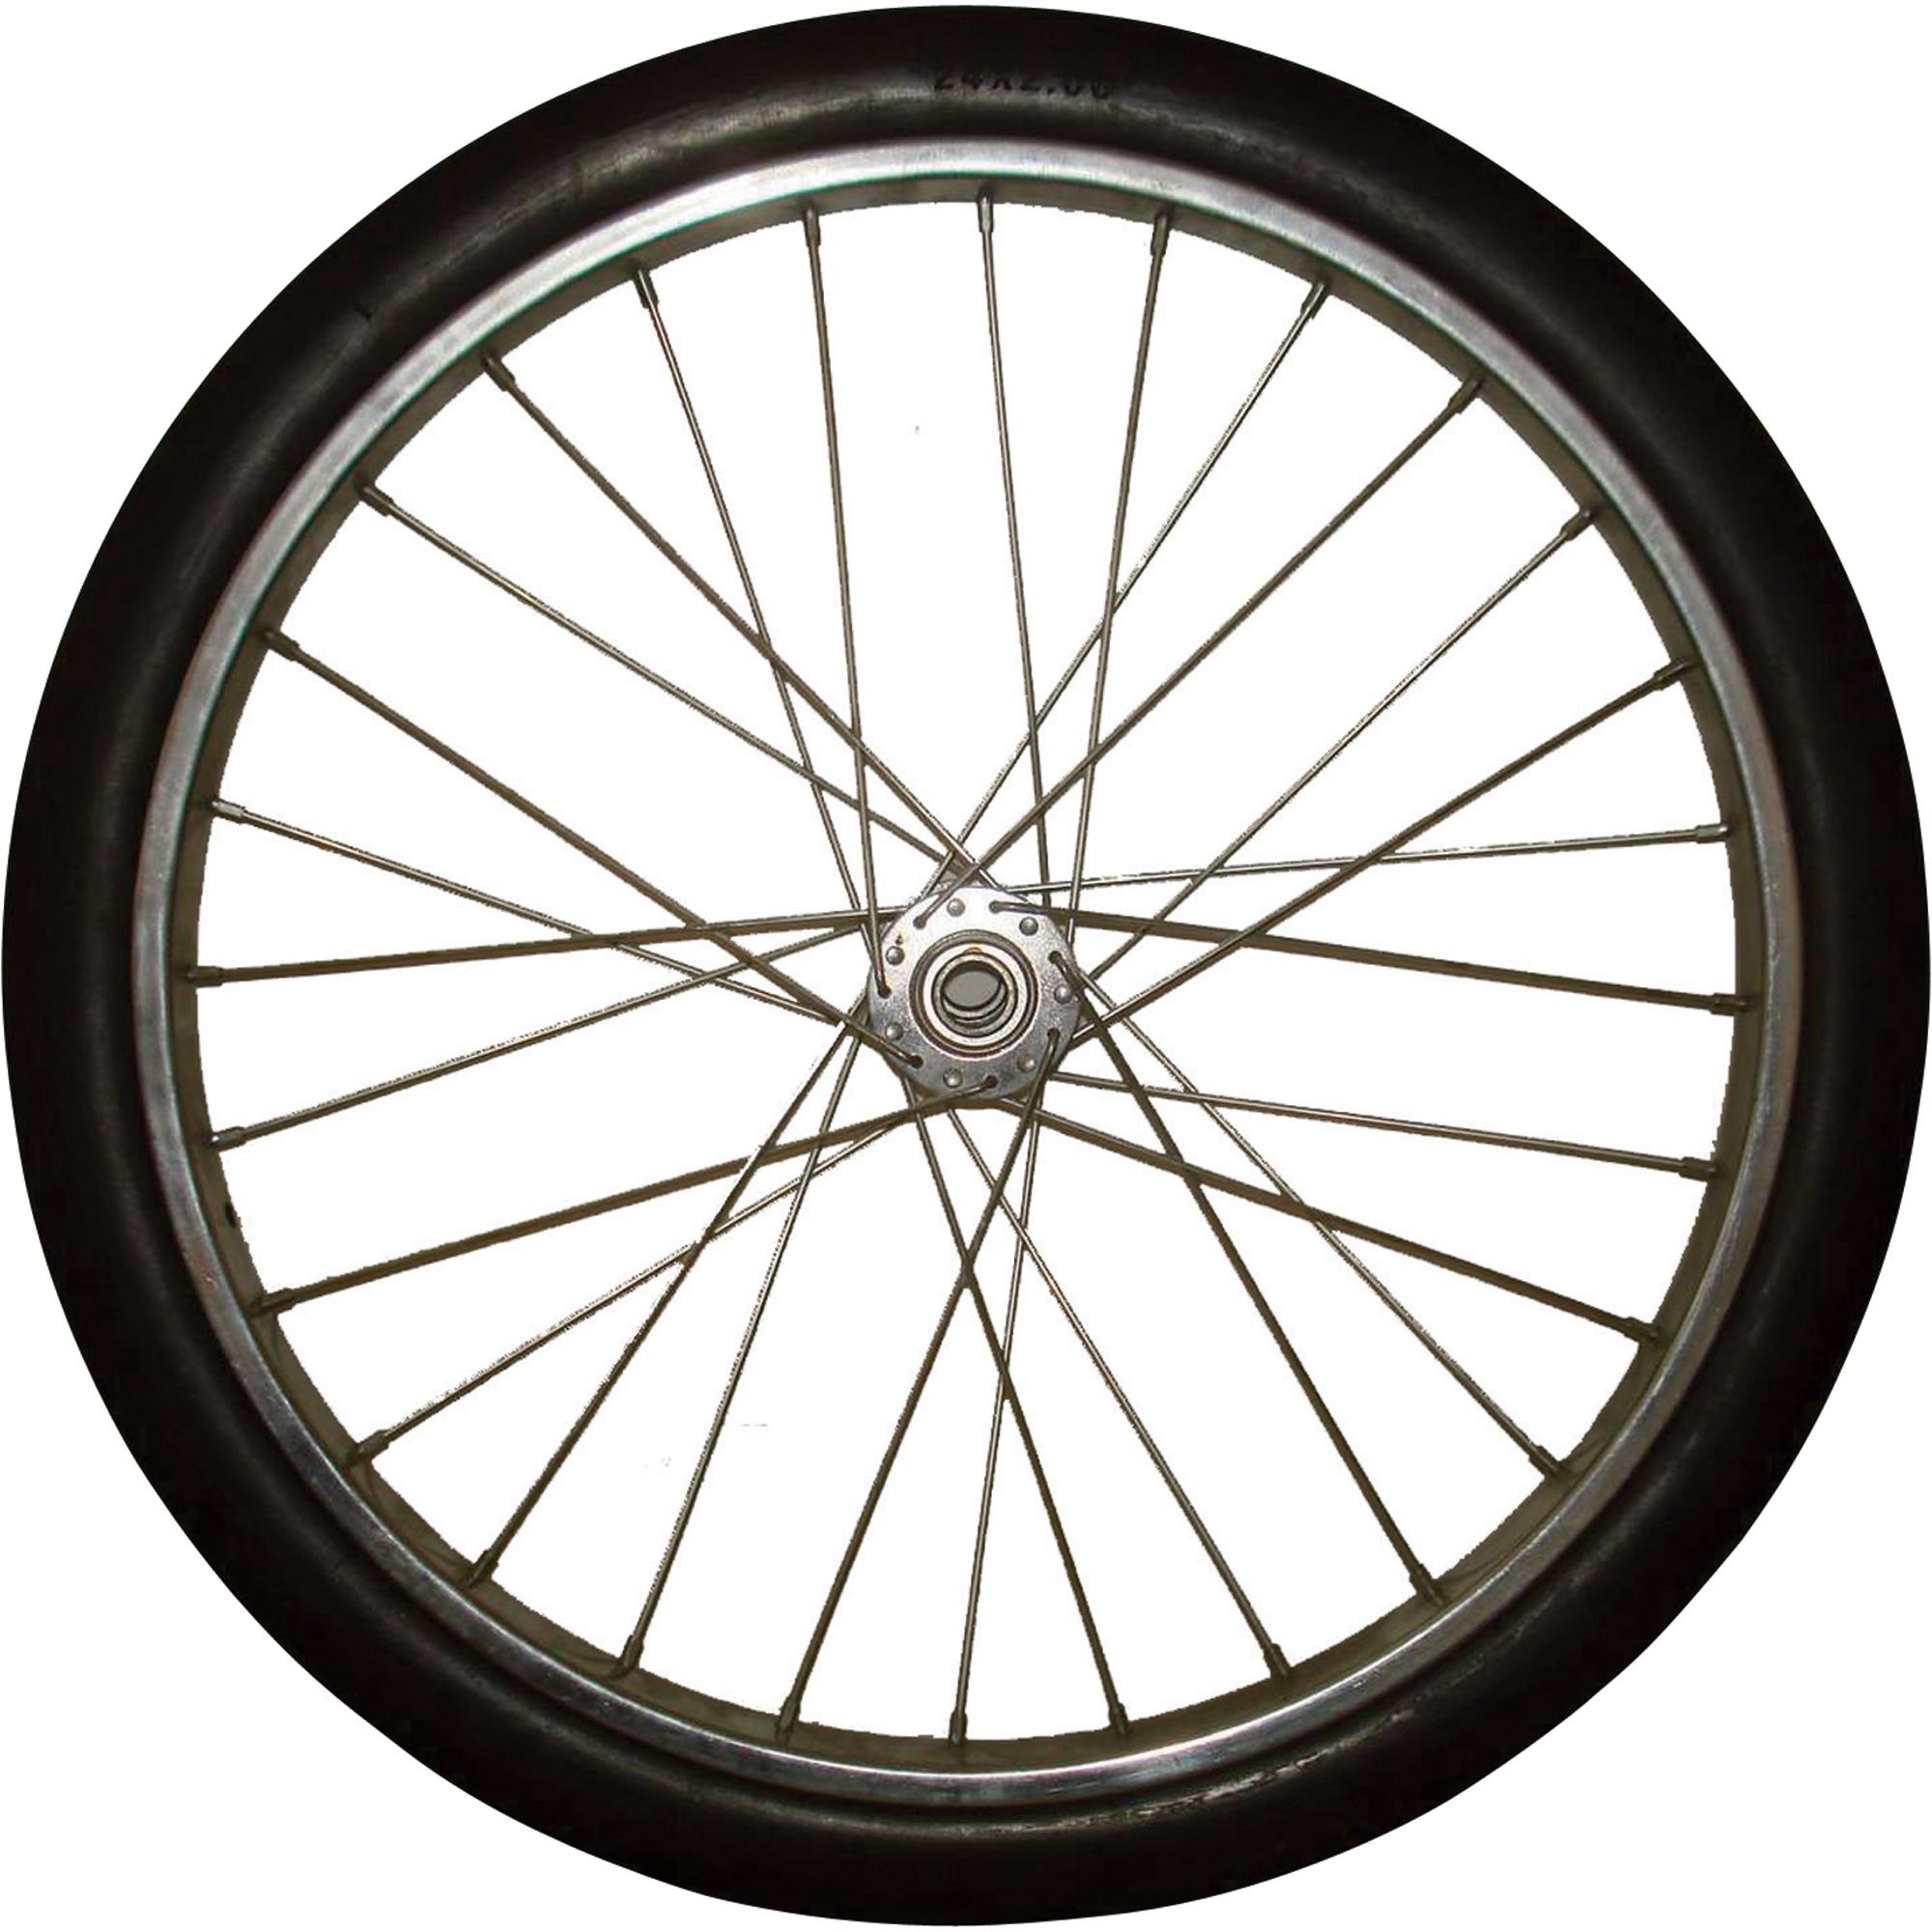 Wheel #8